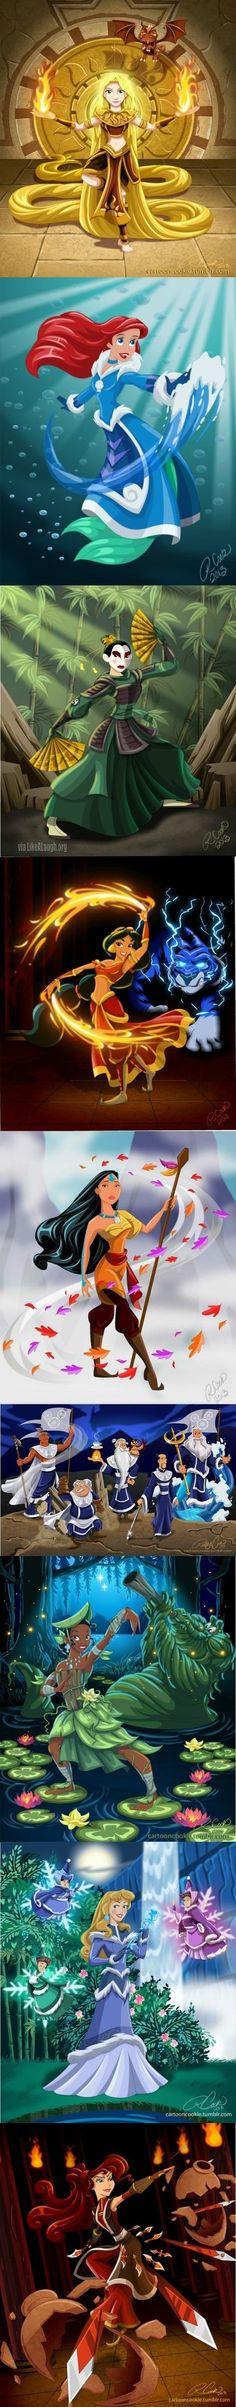 Disney Benders